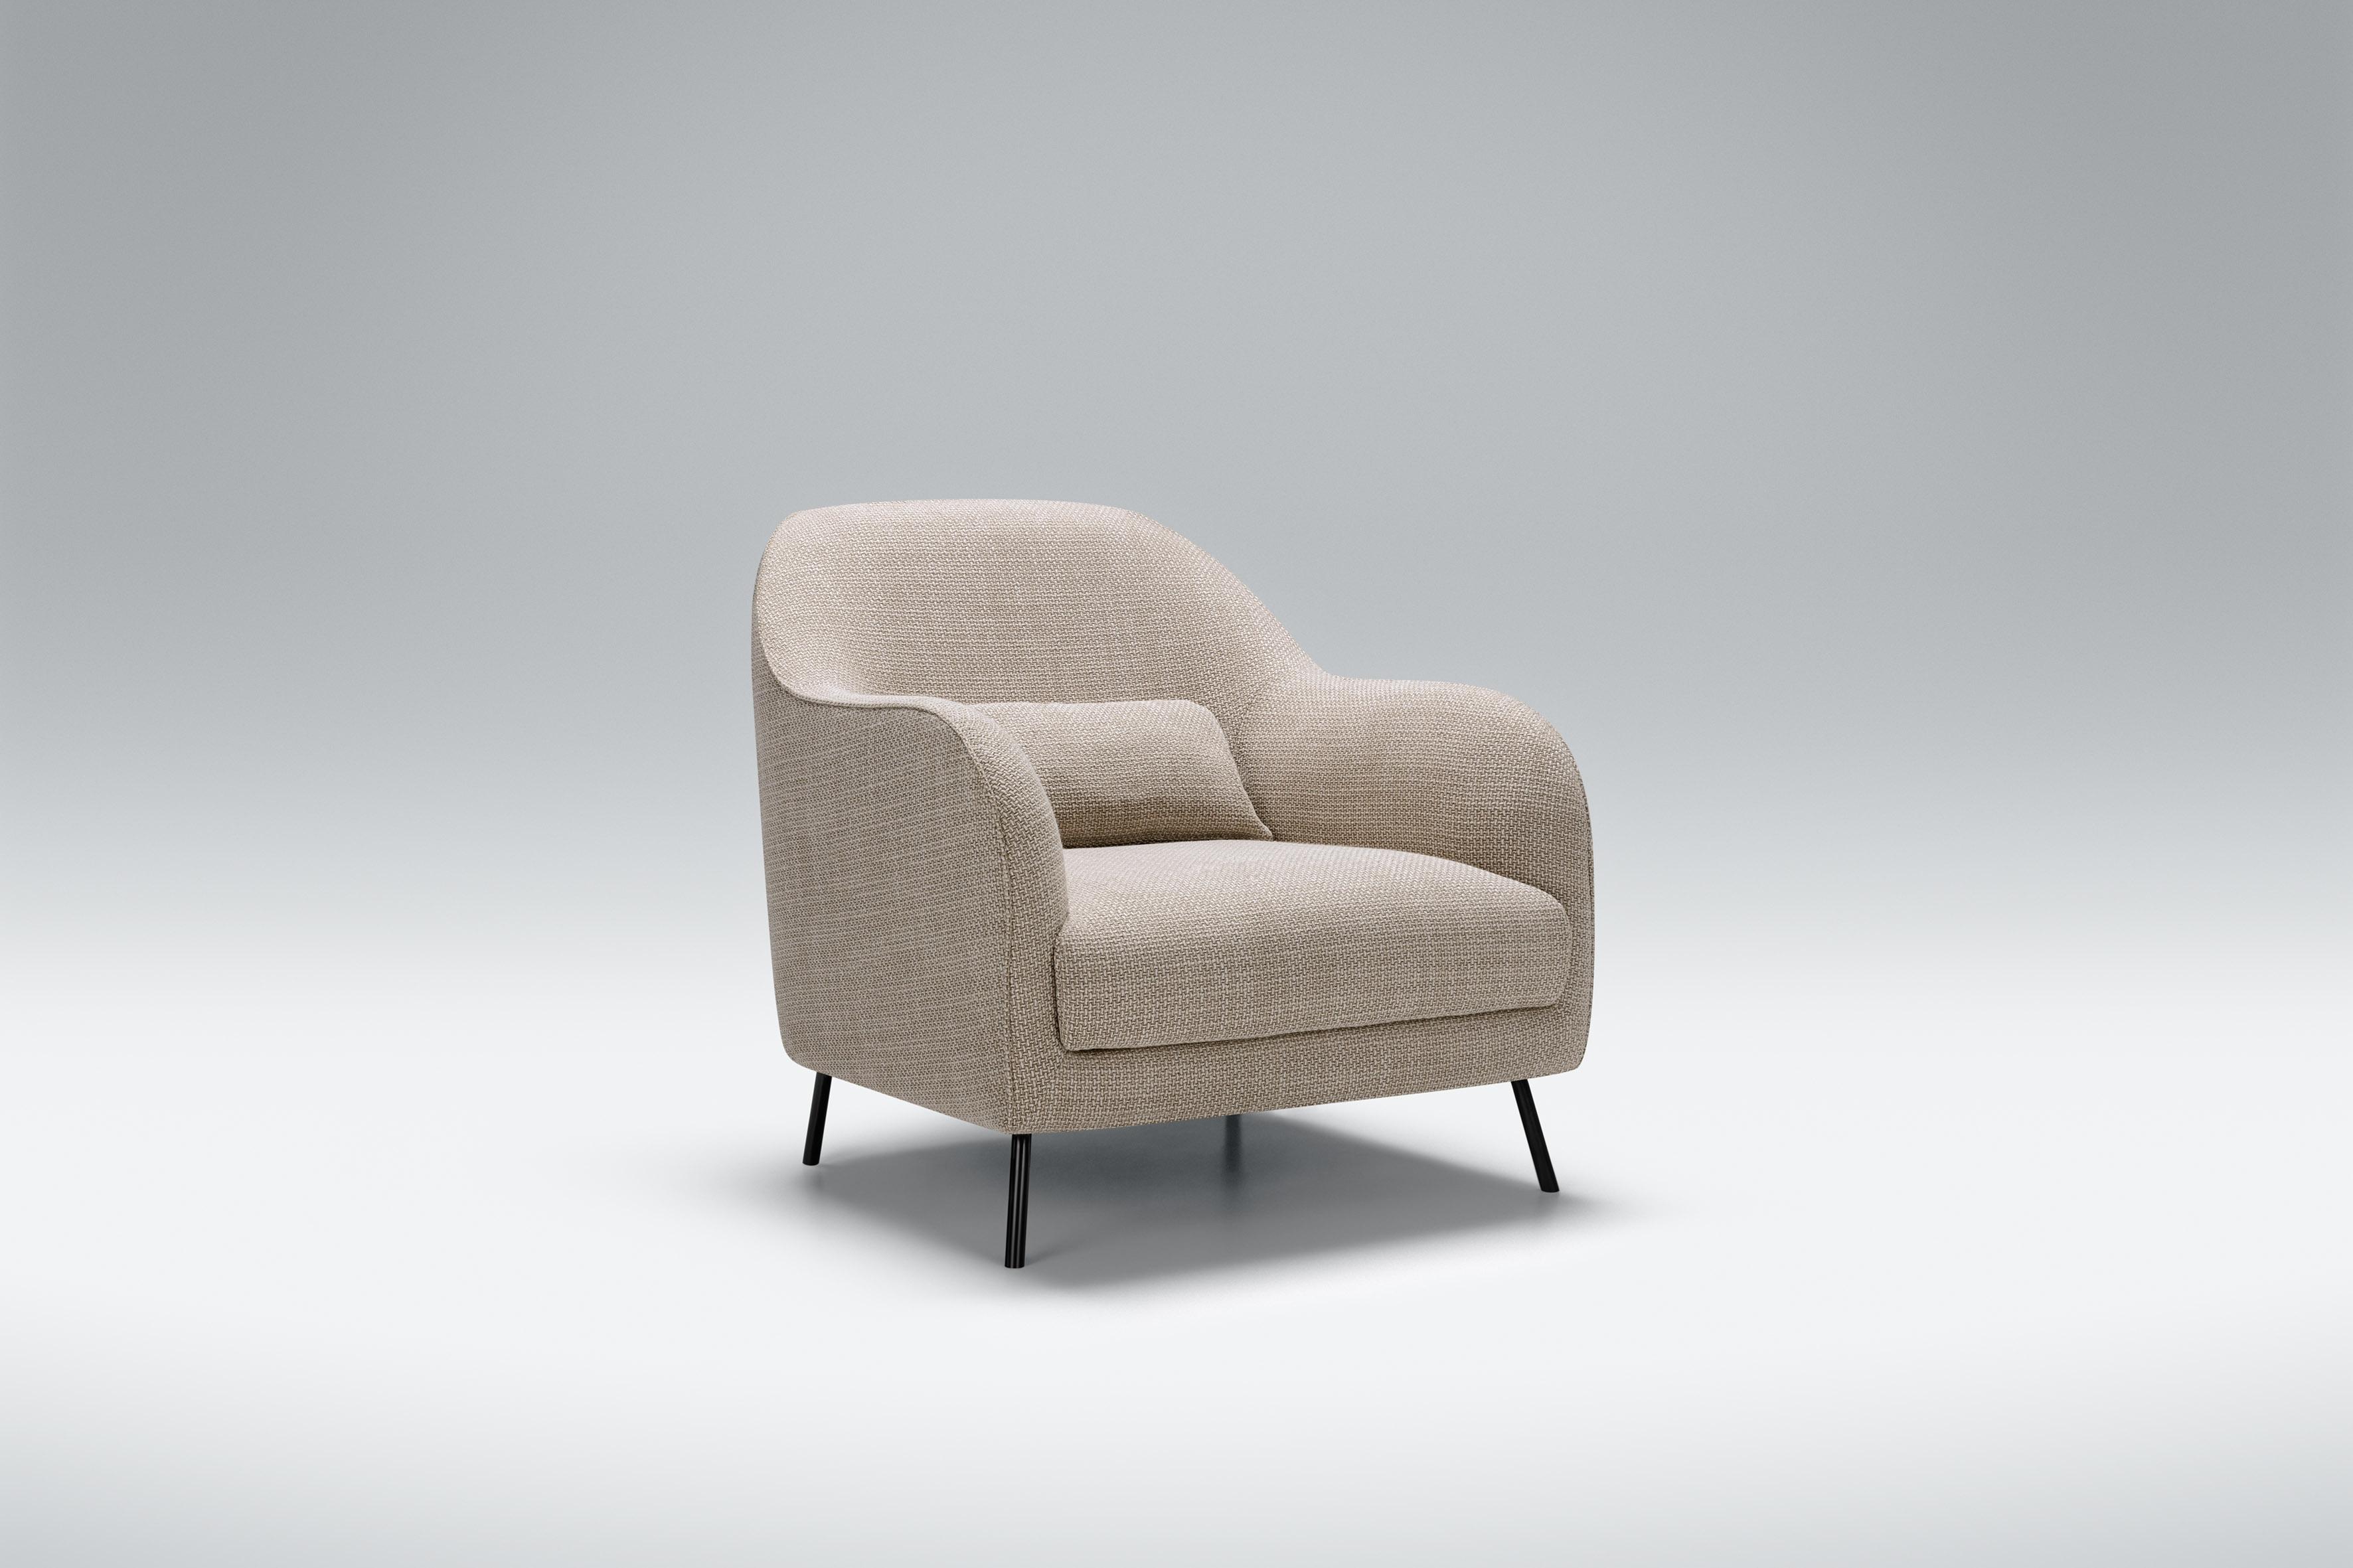 Ibsen armchair